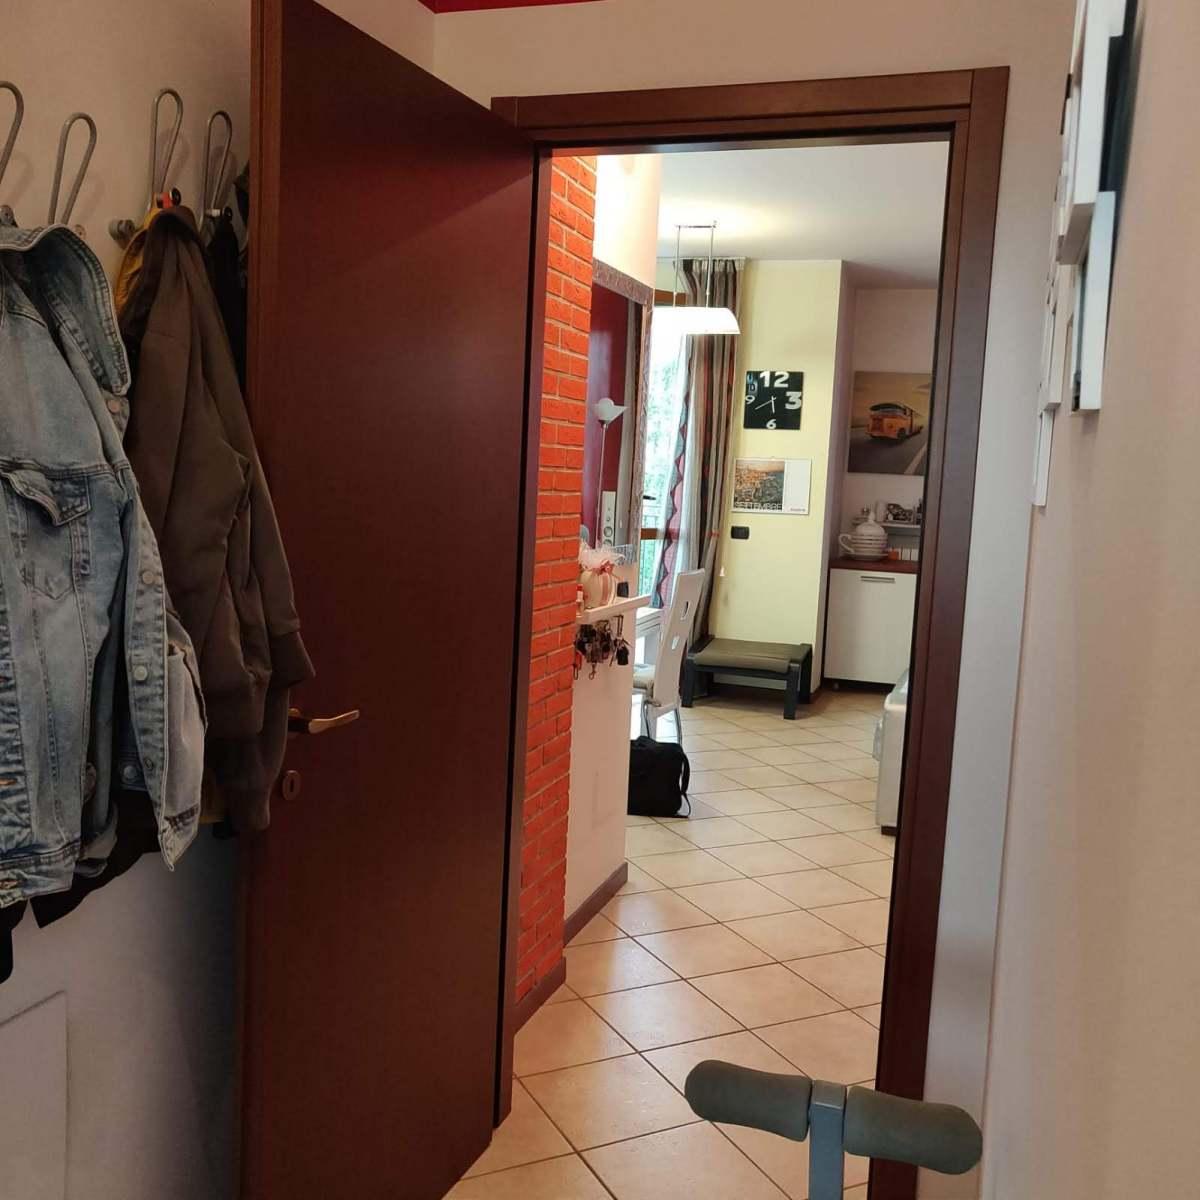 appartamento-in-vendita-milano-muggiano-3-locali-trilocale-spaziourbano-immobiliare-vende-12